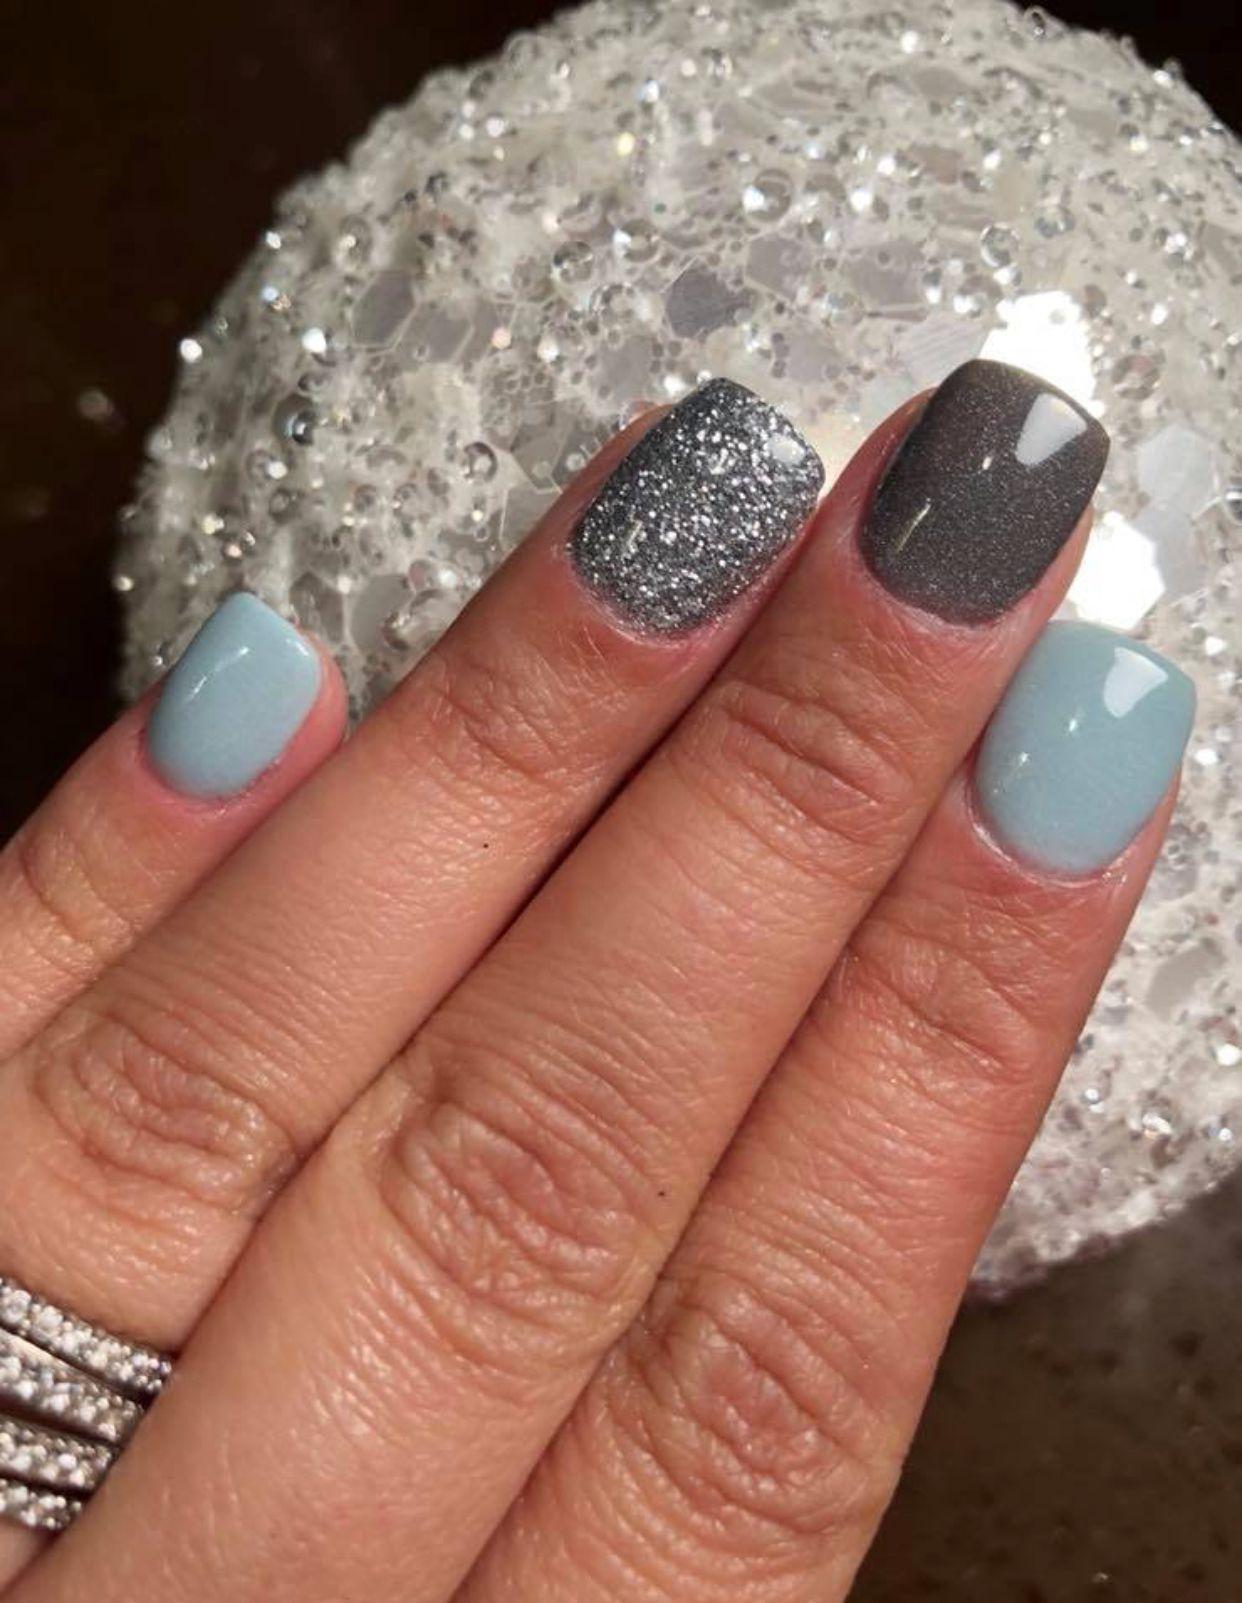 Pin By Amber Holley On Nail Designs In 2020 Gel Powder Nails Powder Nails Toe Nails